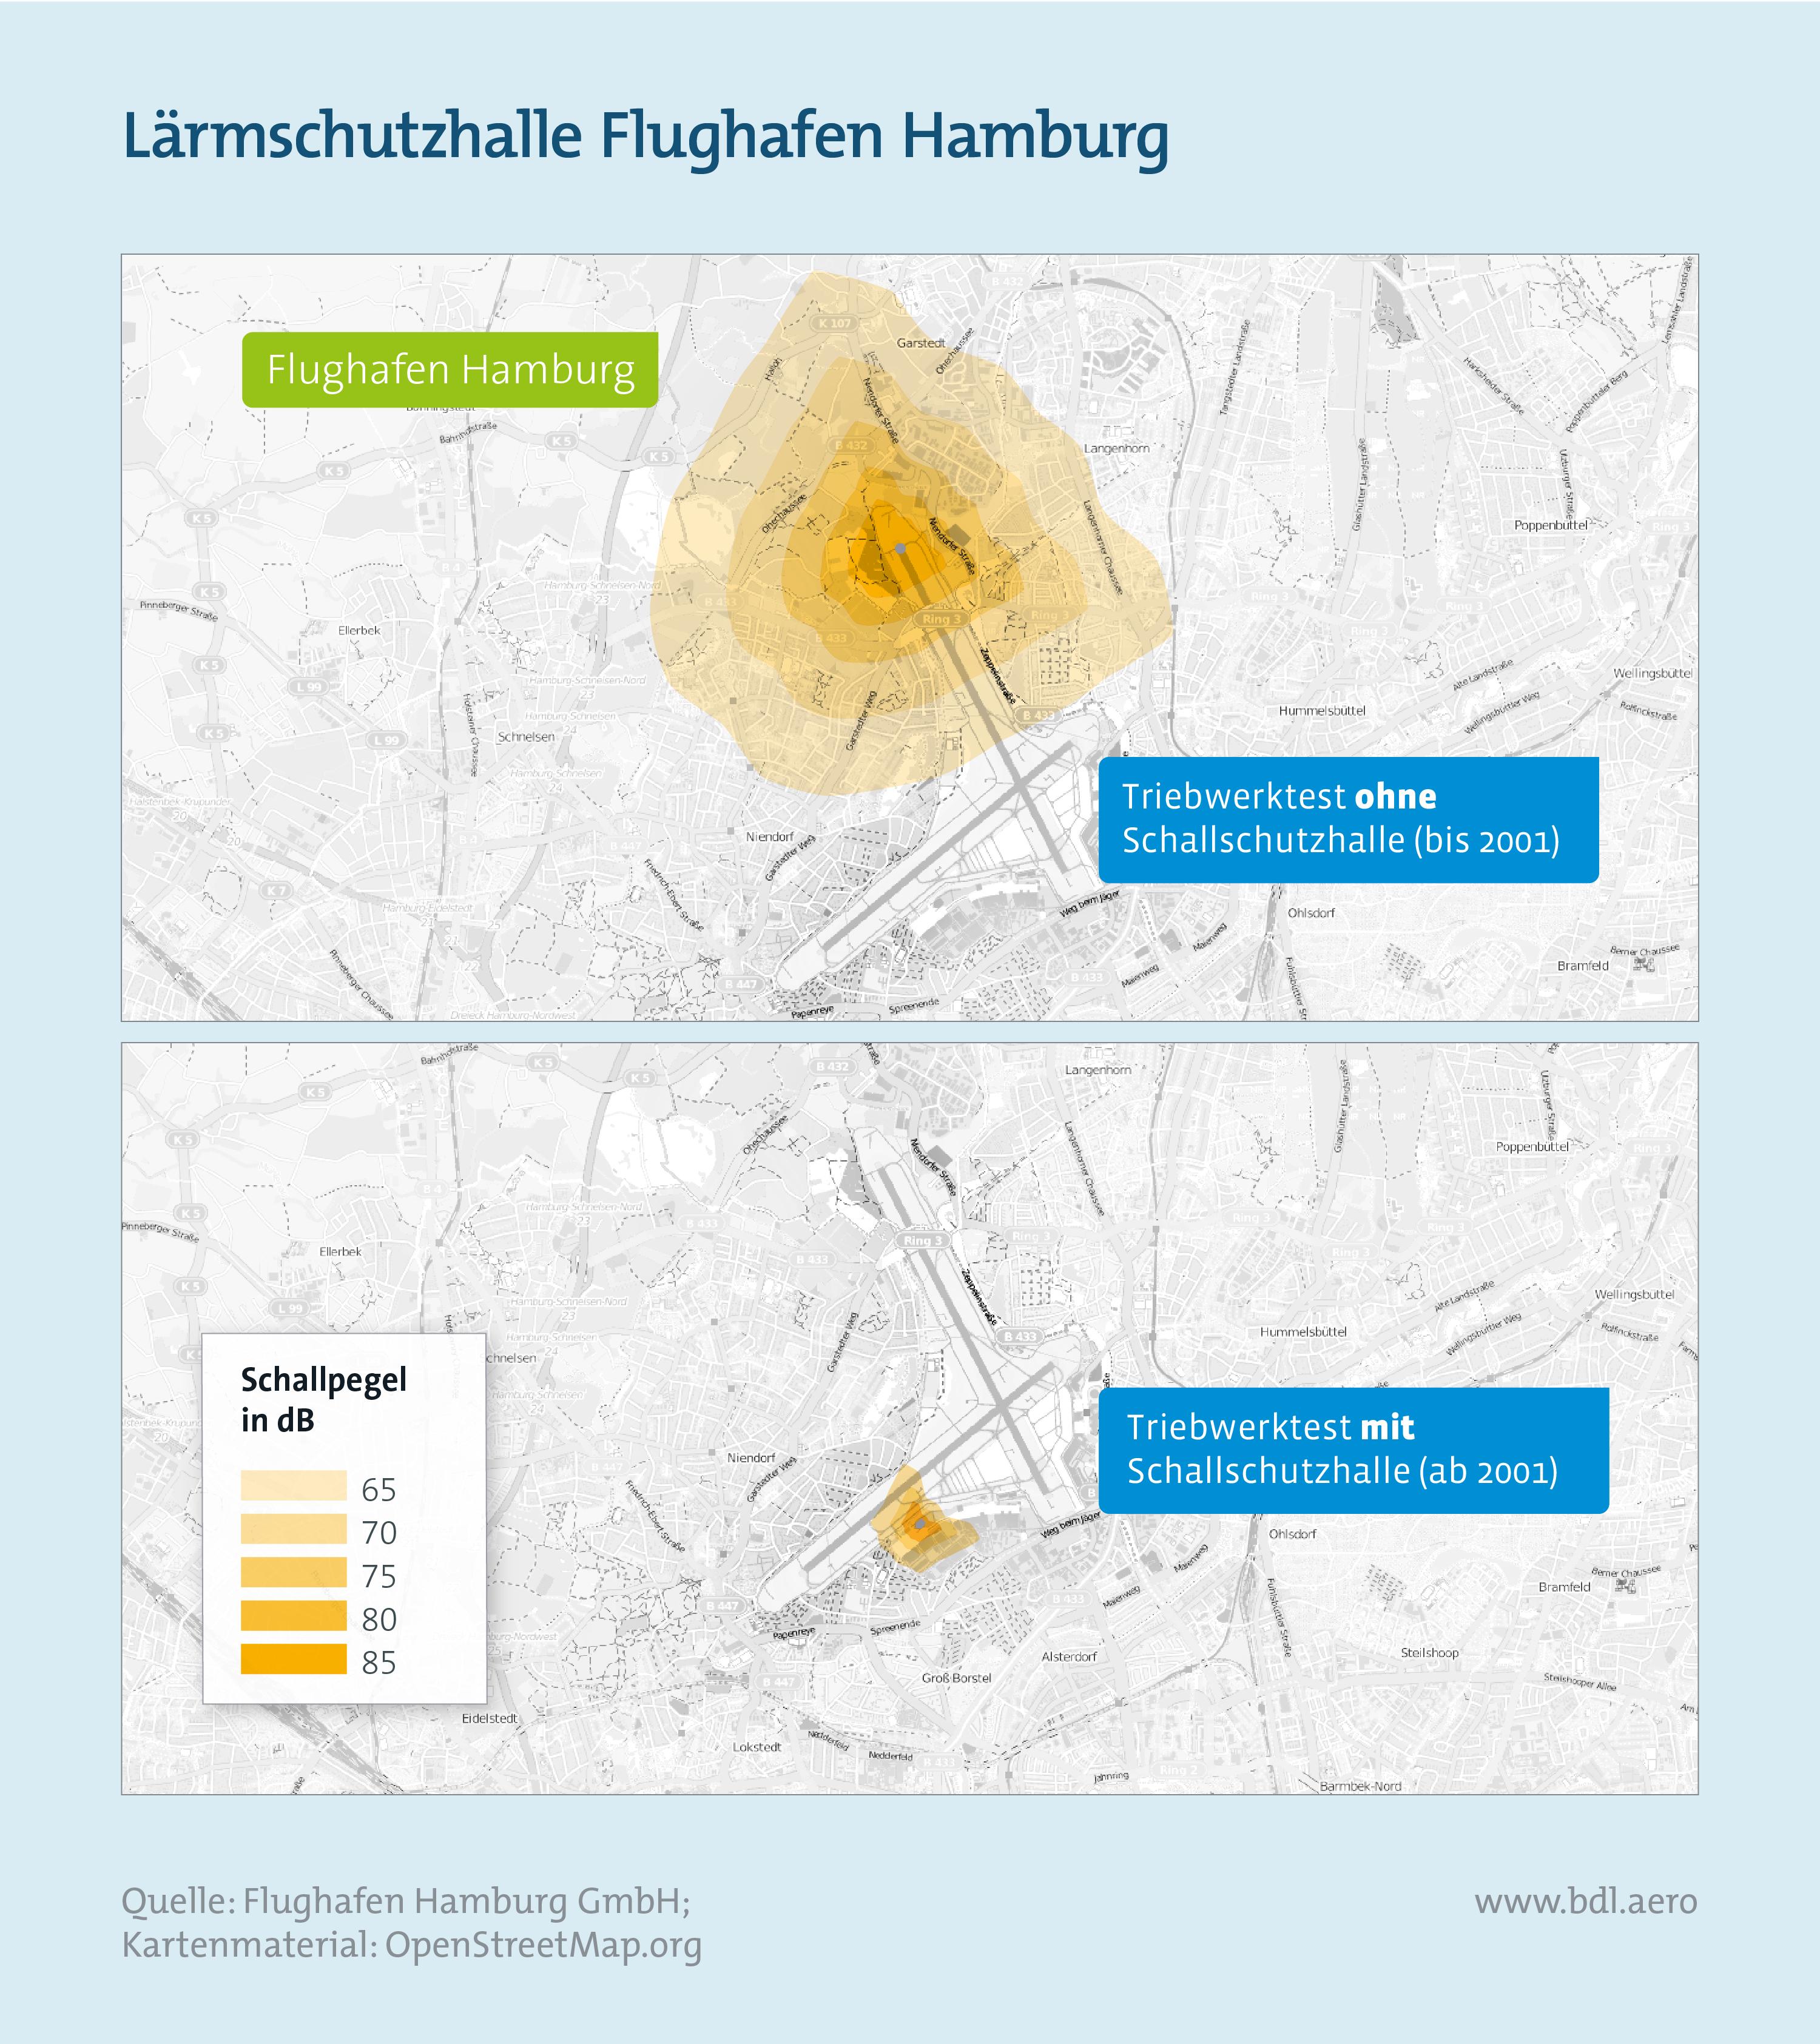 Lärmschutzhalle Flughafen Hamburg